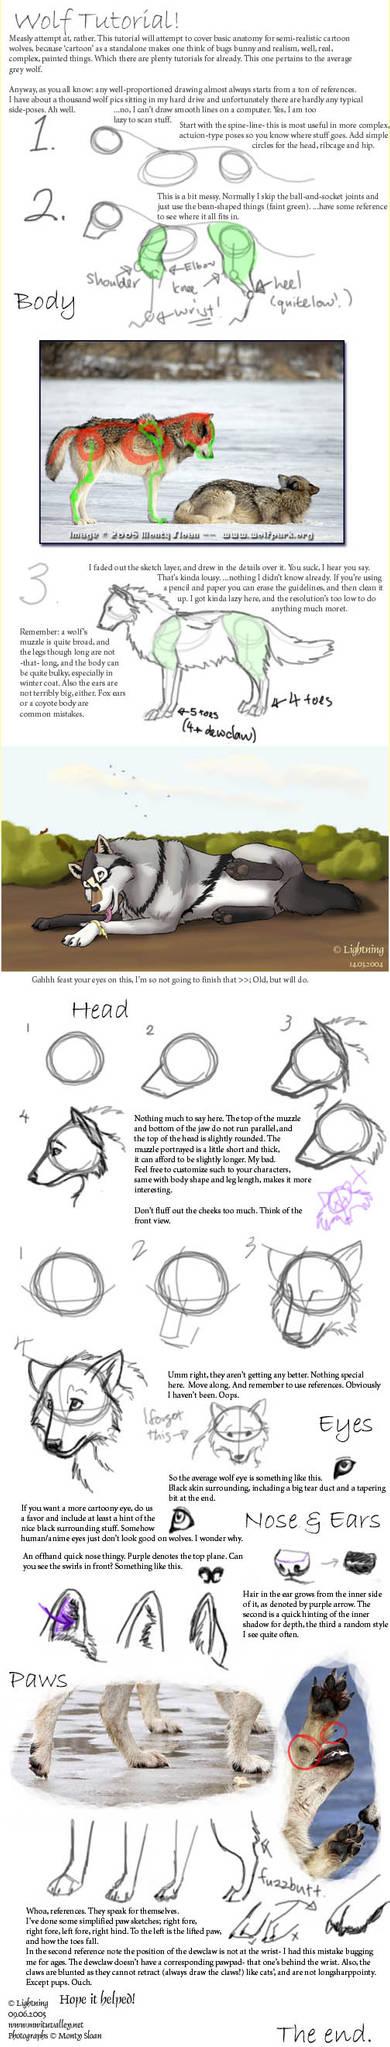 Wolf Tutorial